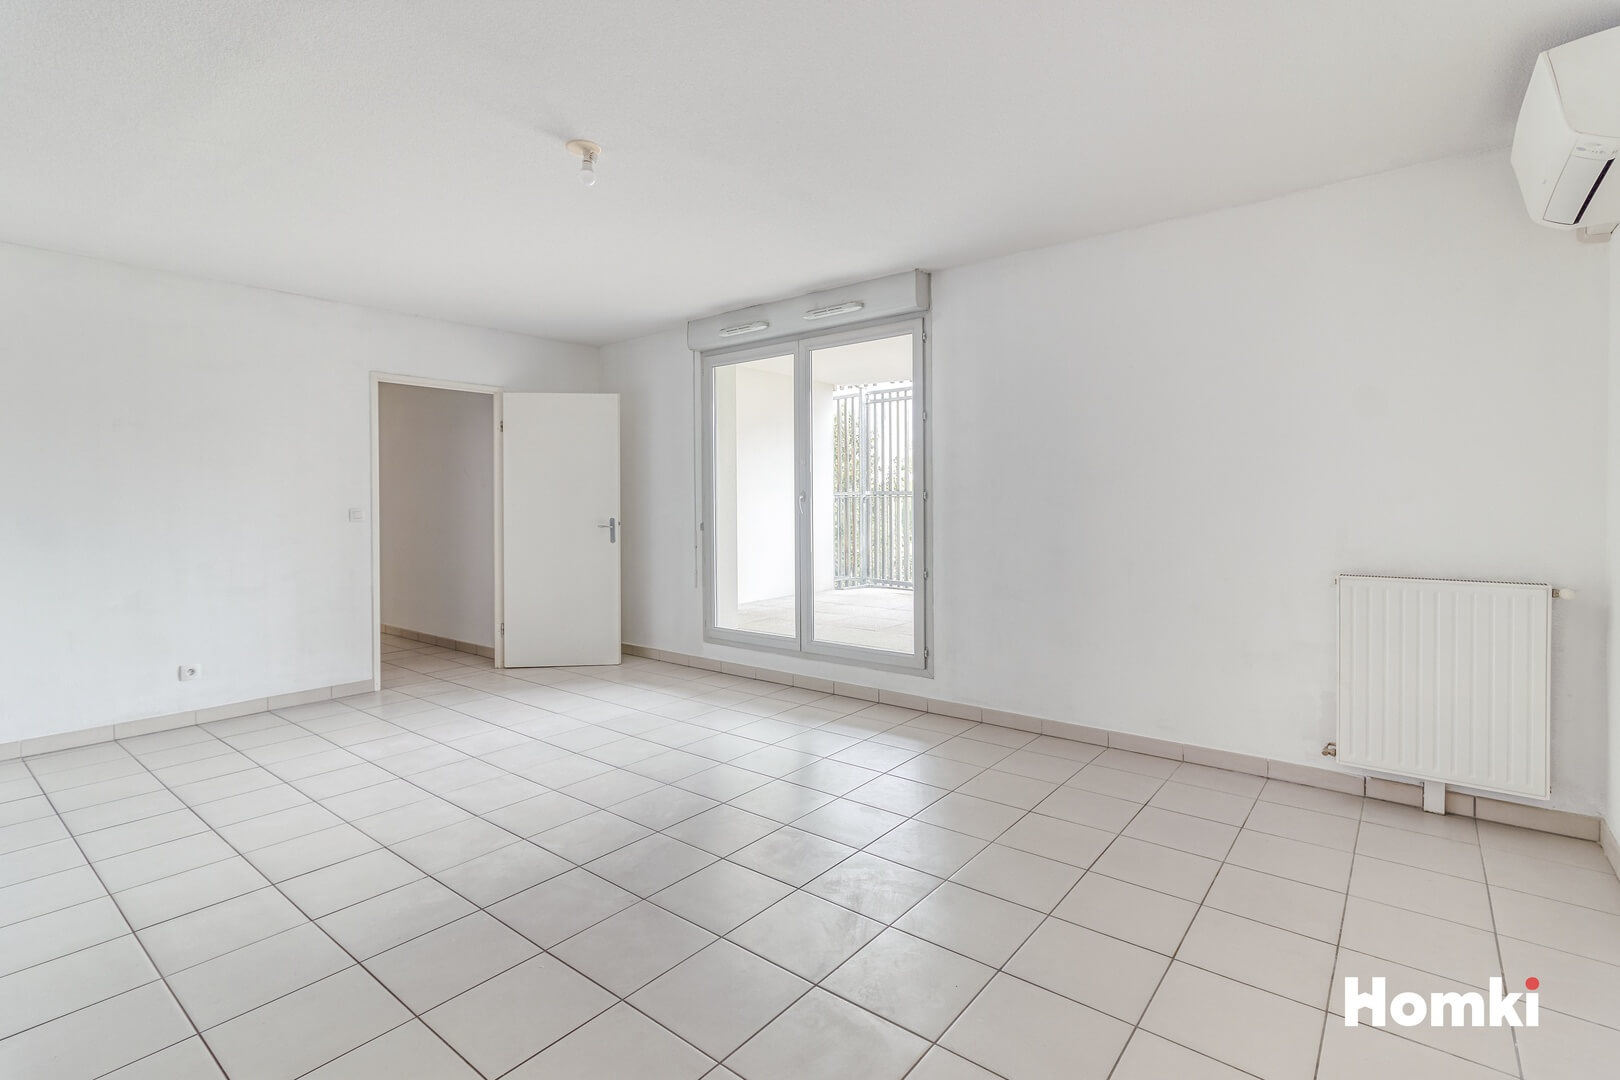 Homki - Vente Appartement  de 64.0 m² à Toulouse 31300